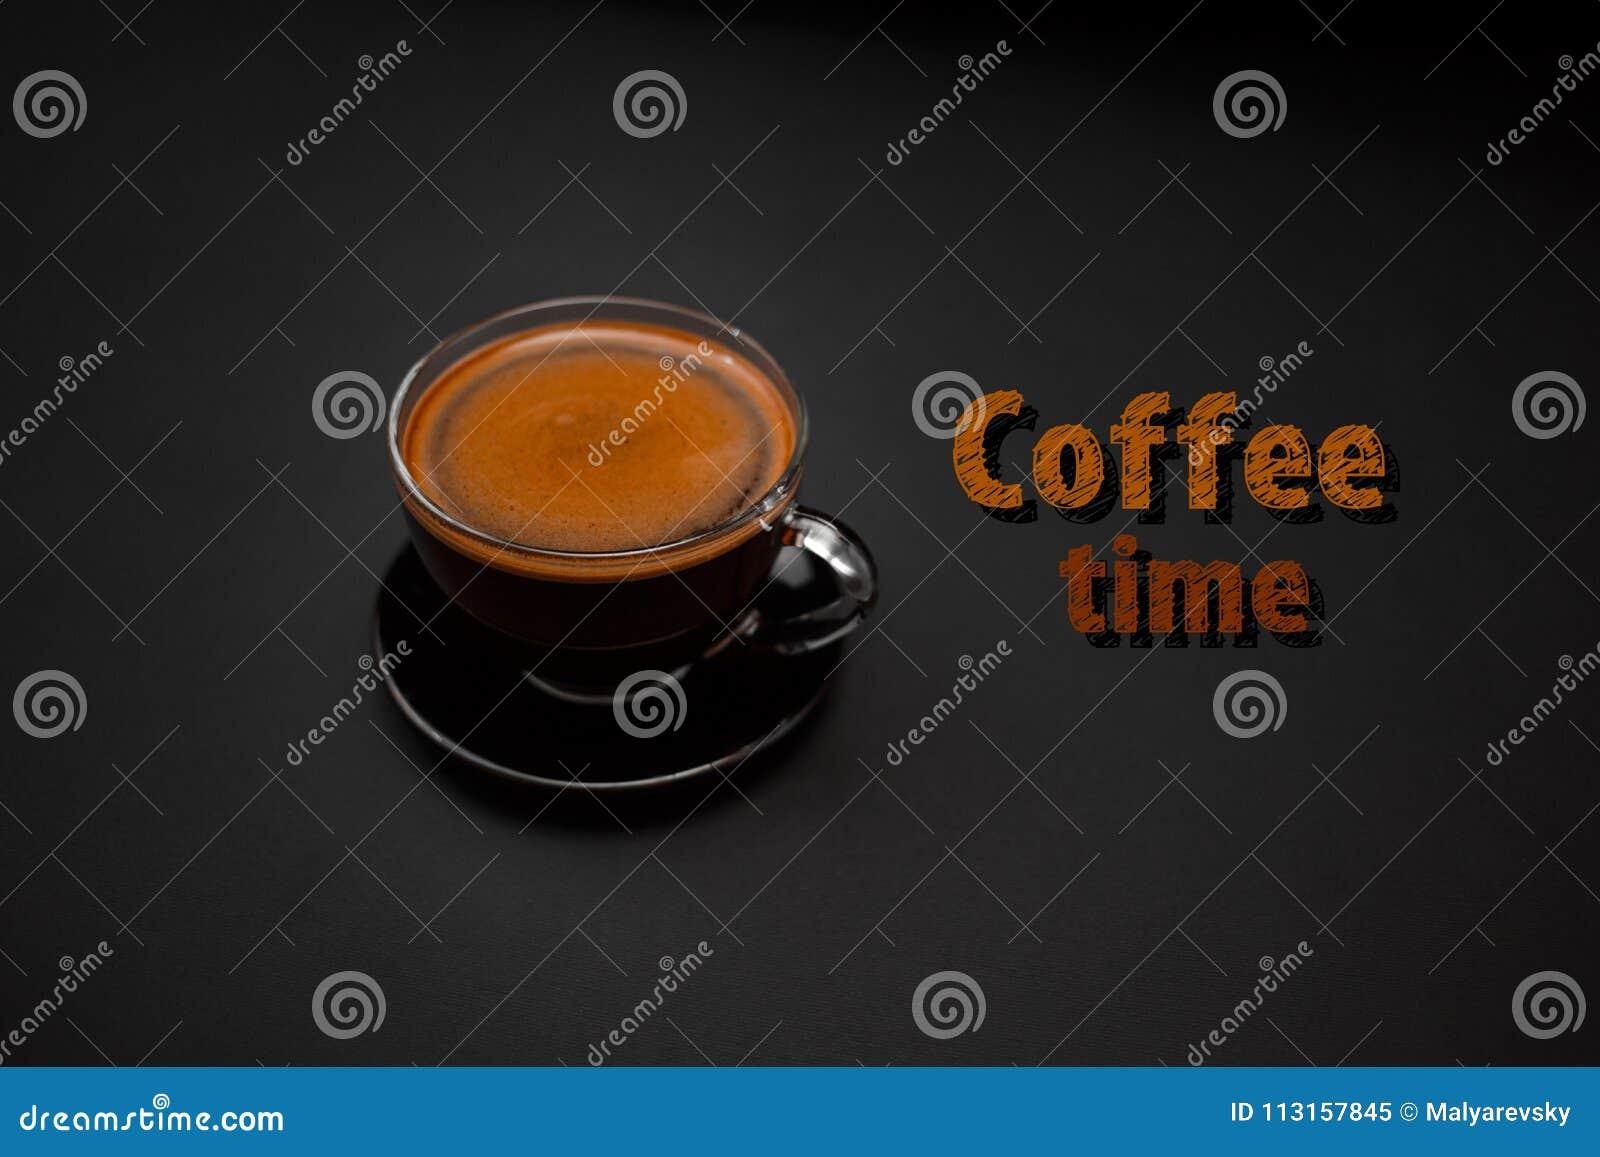 Zwarte, natuurlijke, geurige koffie in de transparante kop op een zwarte achtergrond